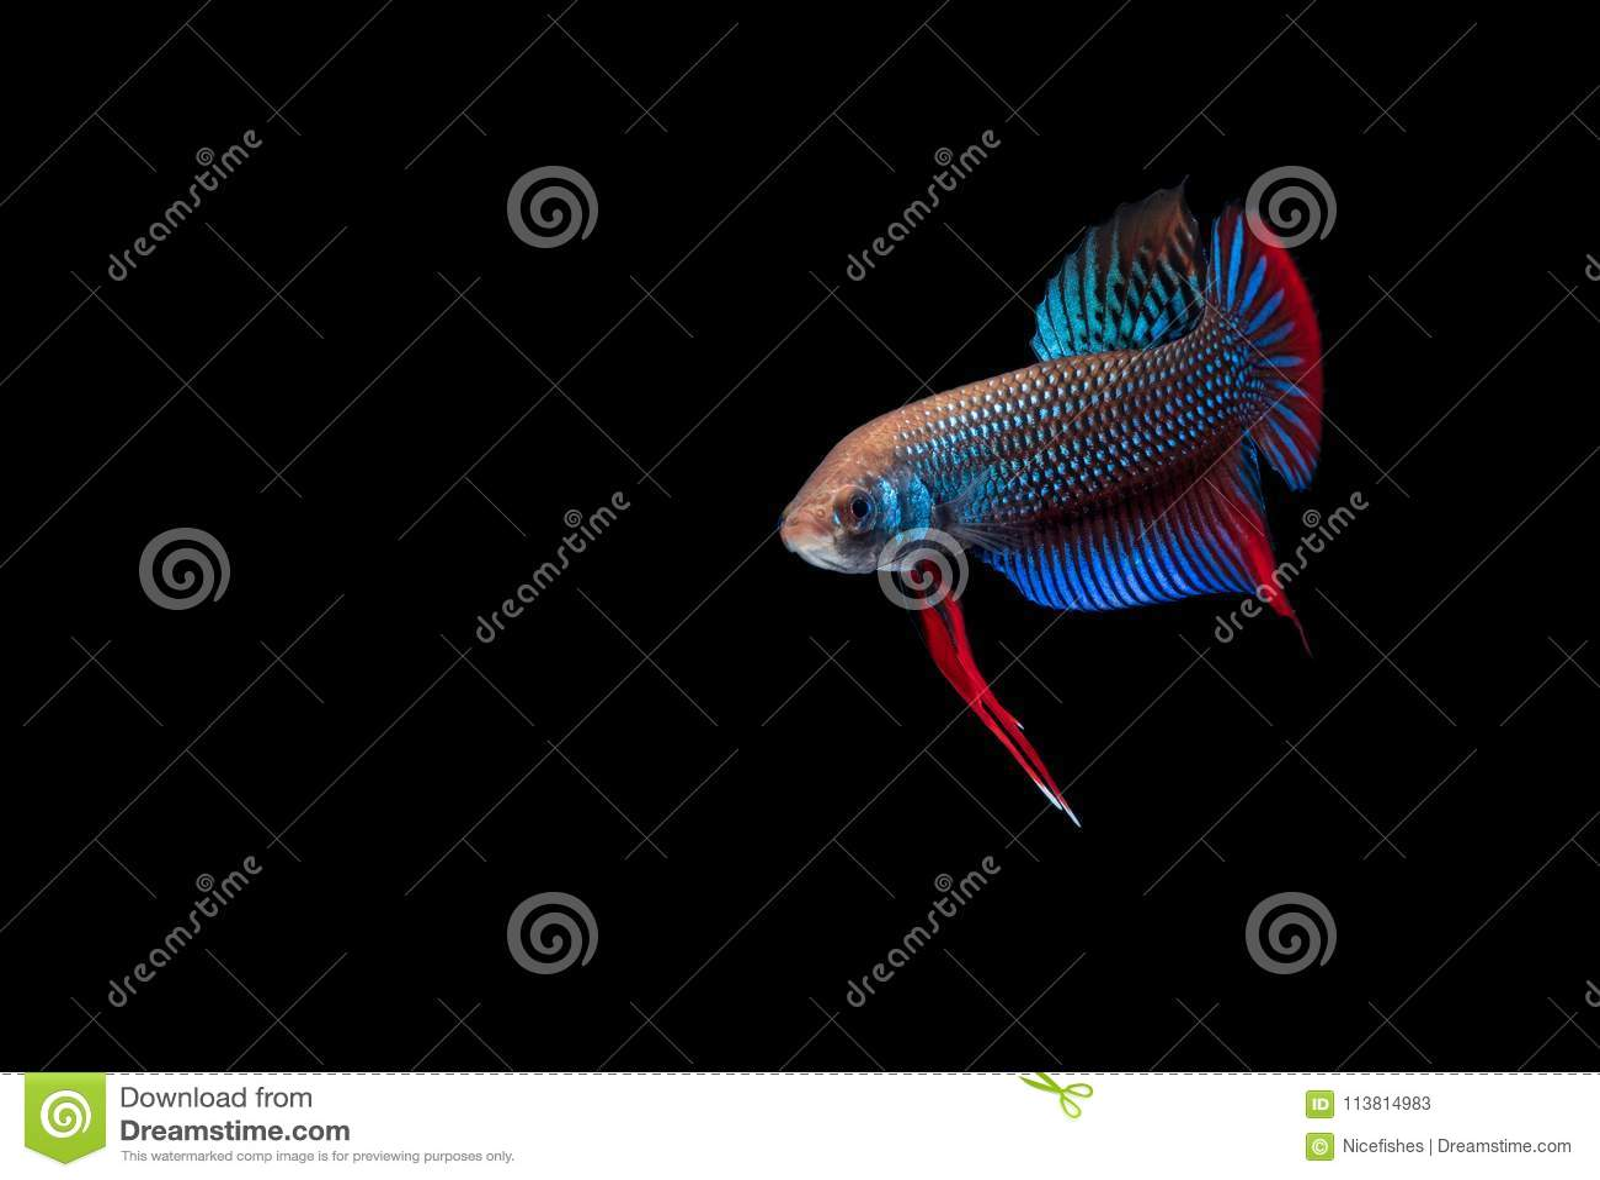 Betta Fish Fight In The Aquarium Stock Image Image Of Background